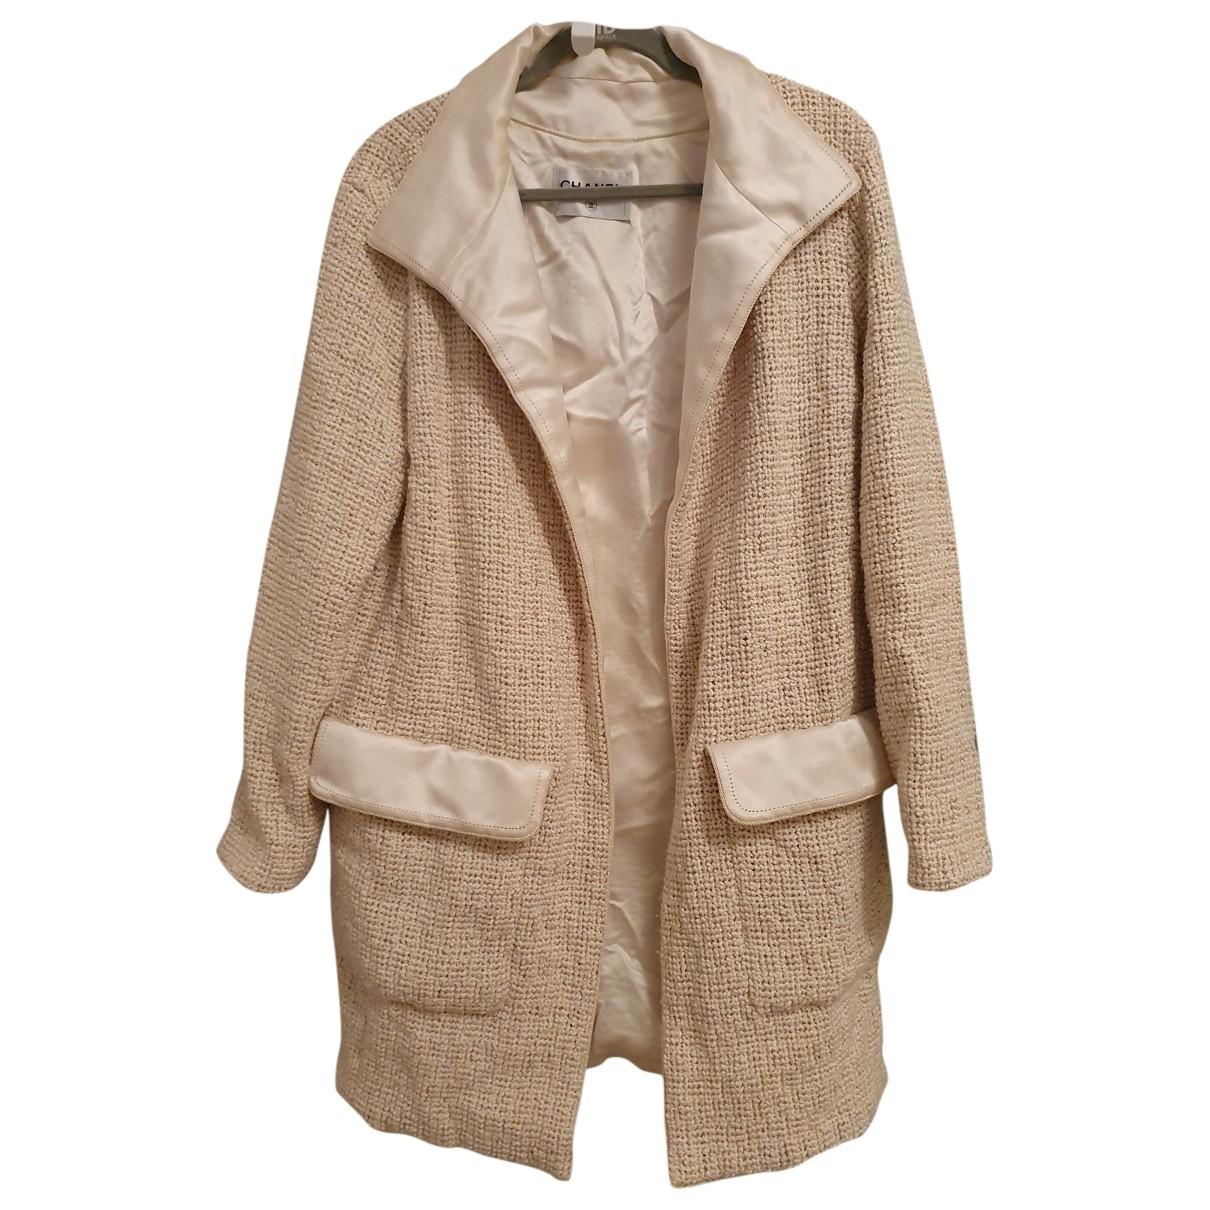 Chanel \N Jacke in  Beige Polyester